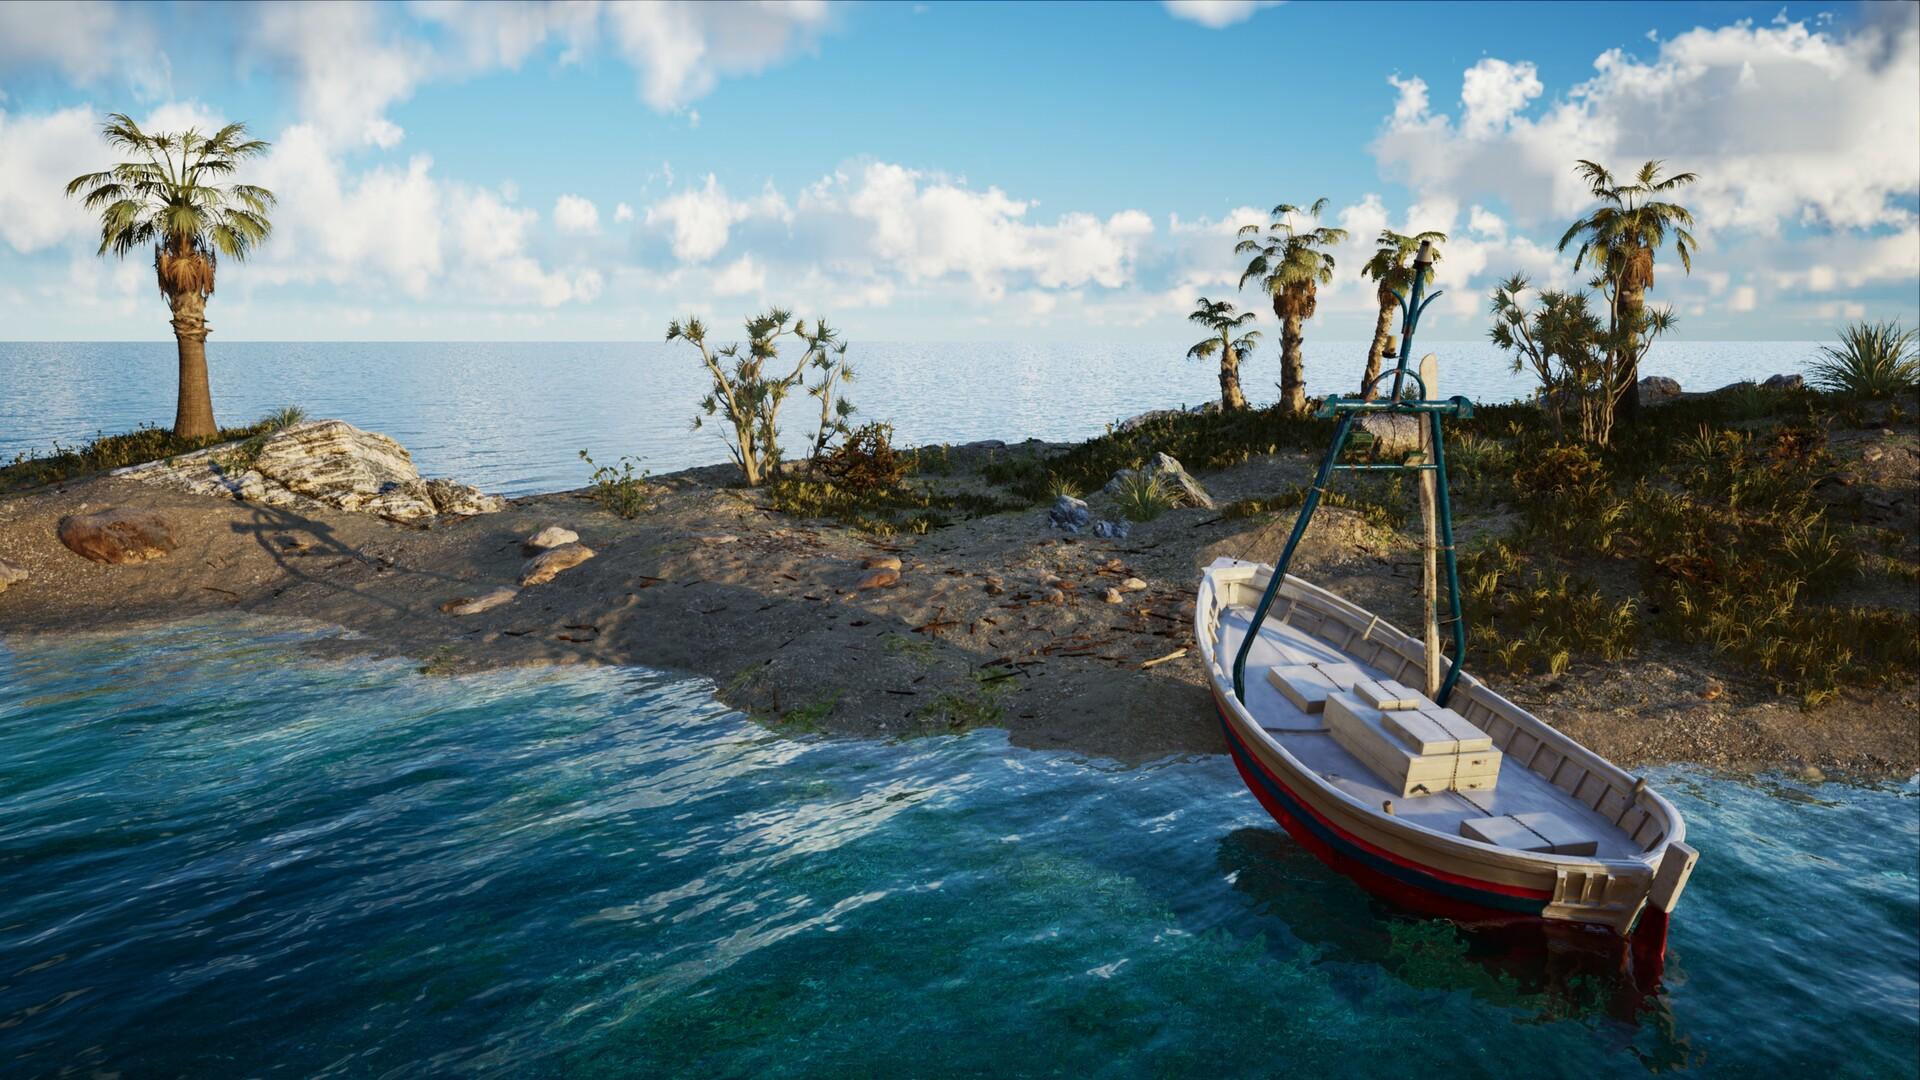 Tomasz wieczorkowski island ue 09